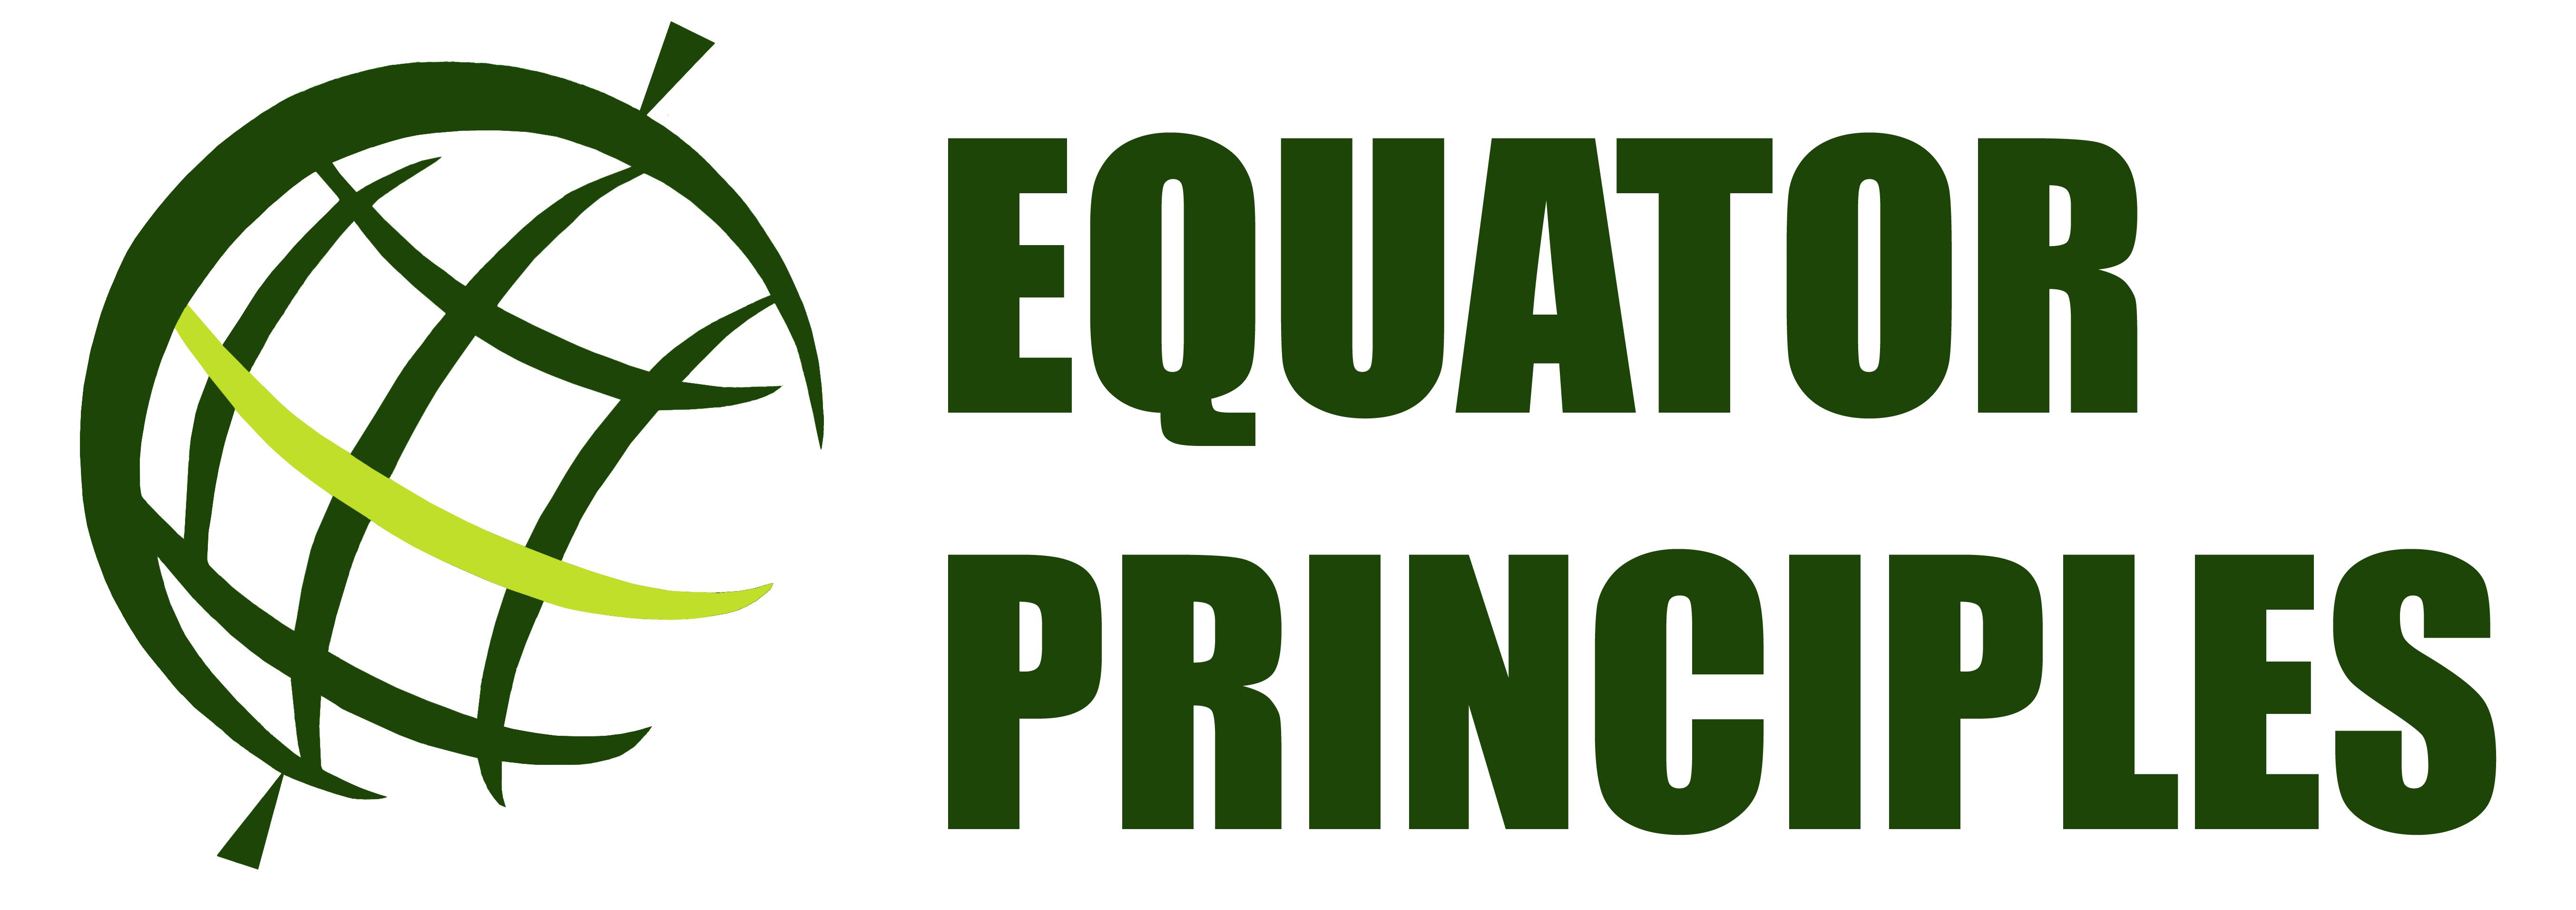 2003 <br>Principes de l'Equateur